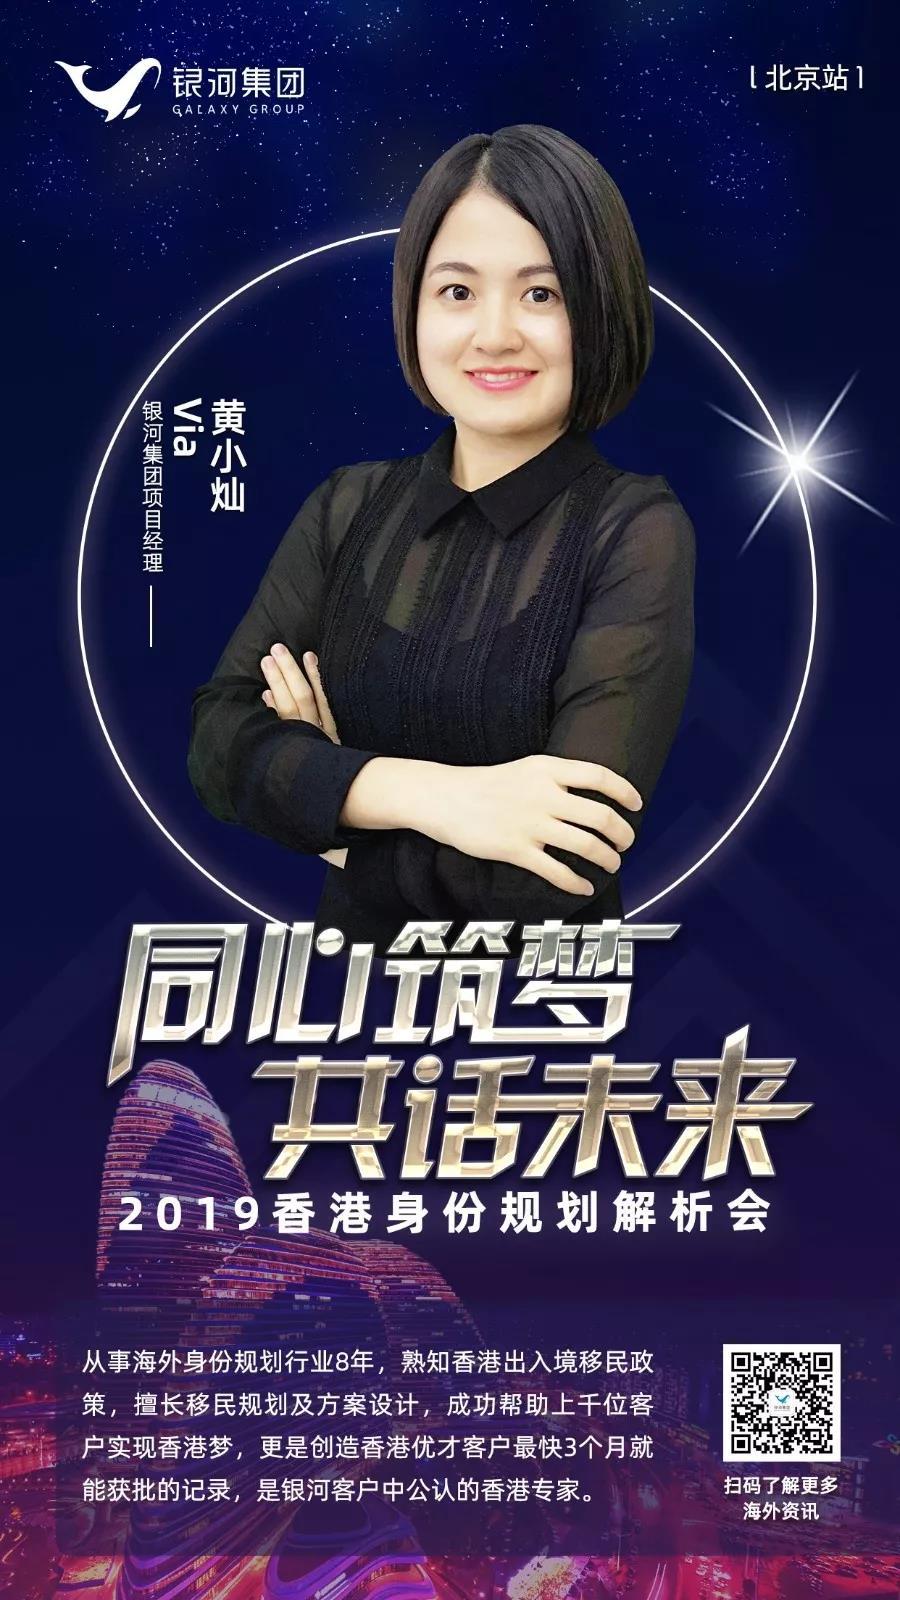 三城联动银河诚邀您莅临2019香港身份规划解析会!